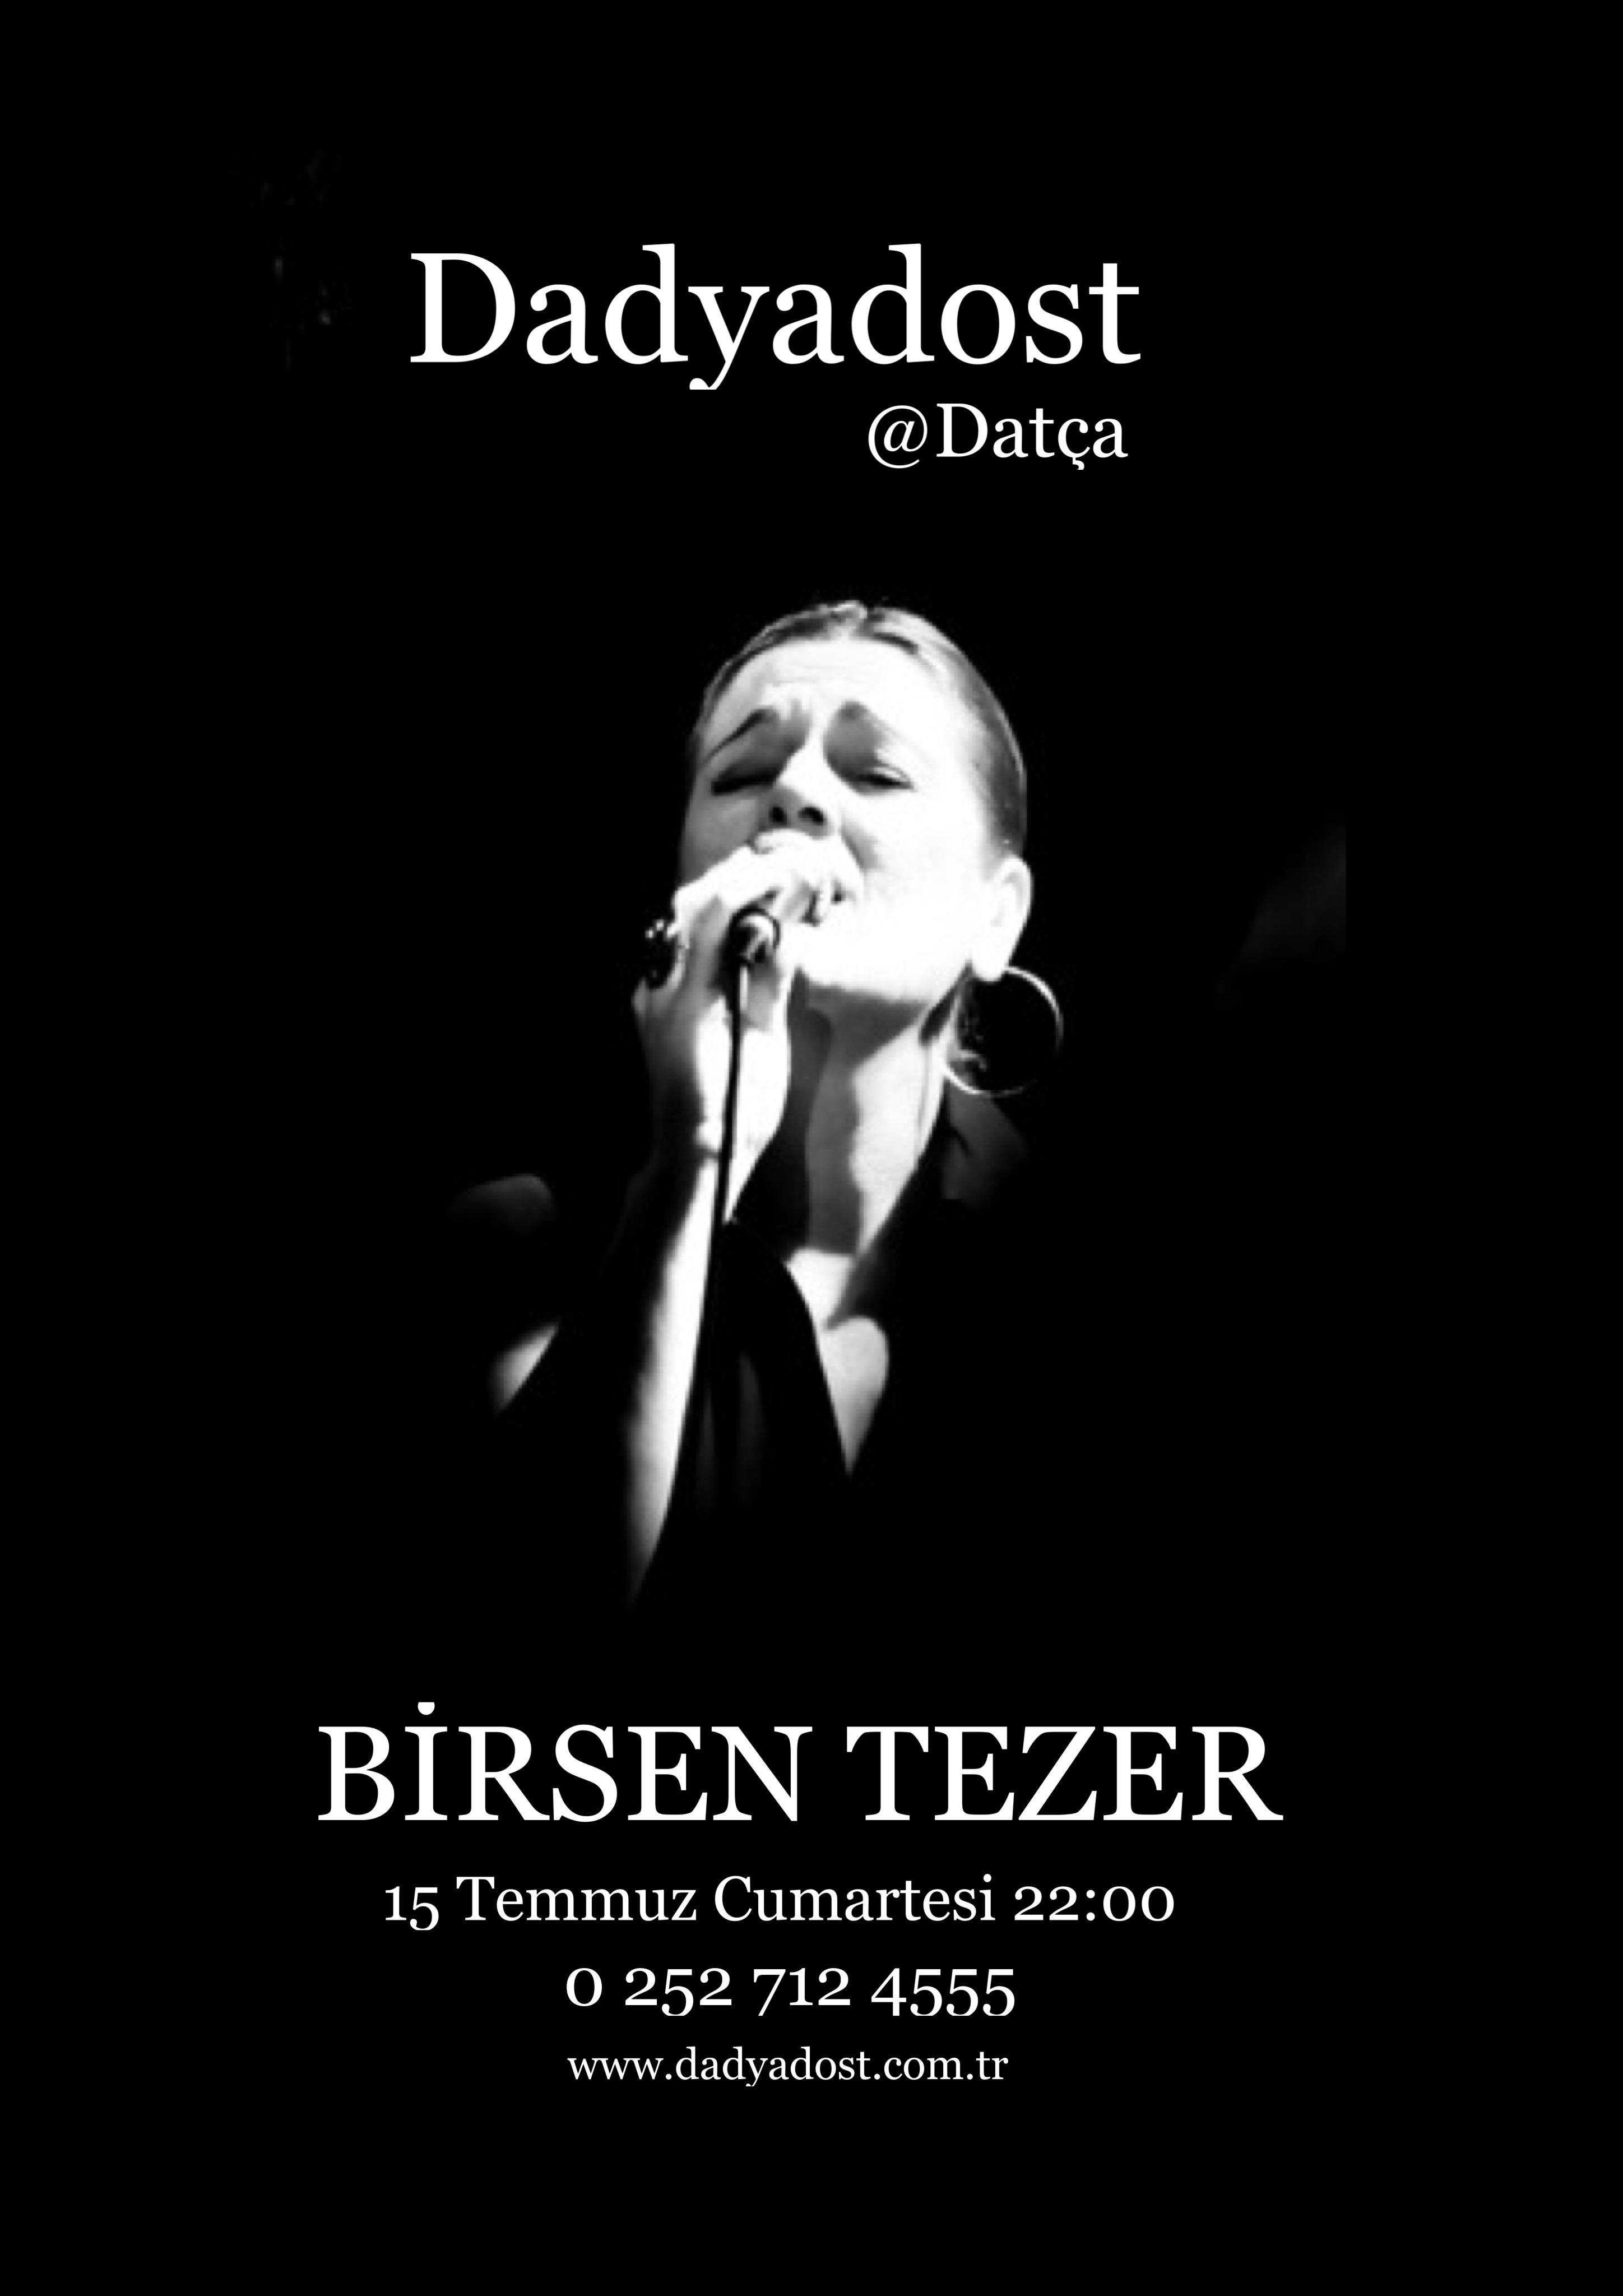 Birsen_Tezer_Dadyadost_